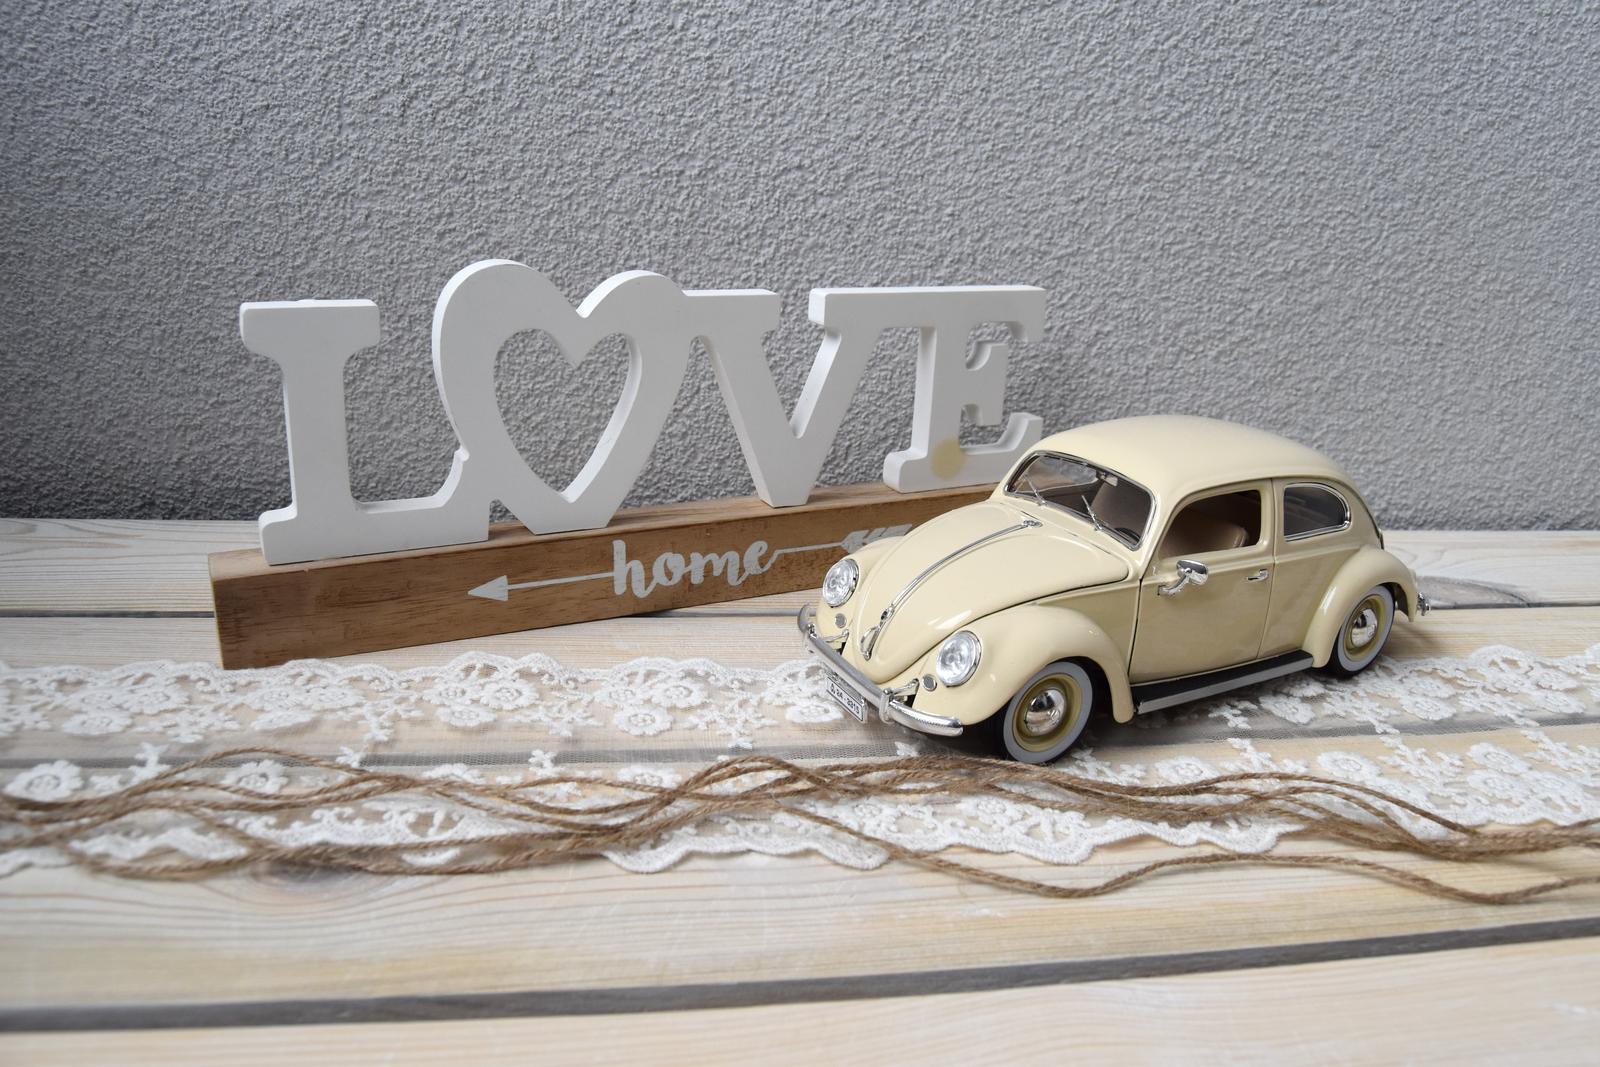 Wedding Time - veľmi by som chcela aby ma v svadobný deň viezli v bielom starom chrobáčiku :) od snúbenca som dostala na vianoce zatiaľ túto menšiu verziu, ktorá ma neskutočne potešila ♥